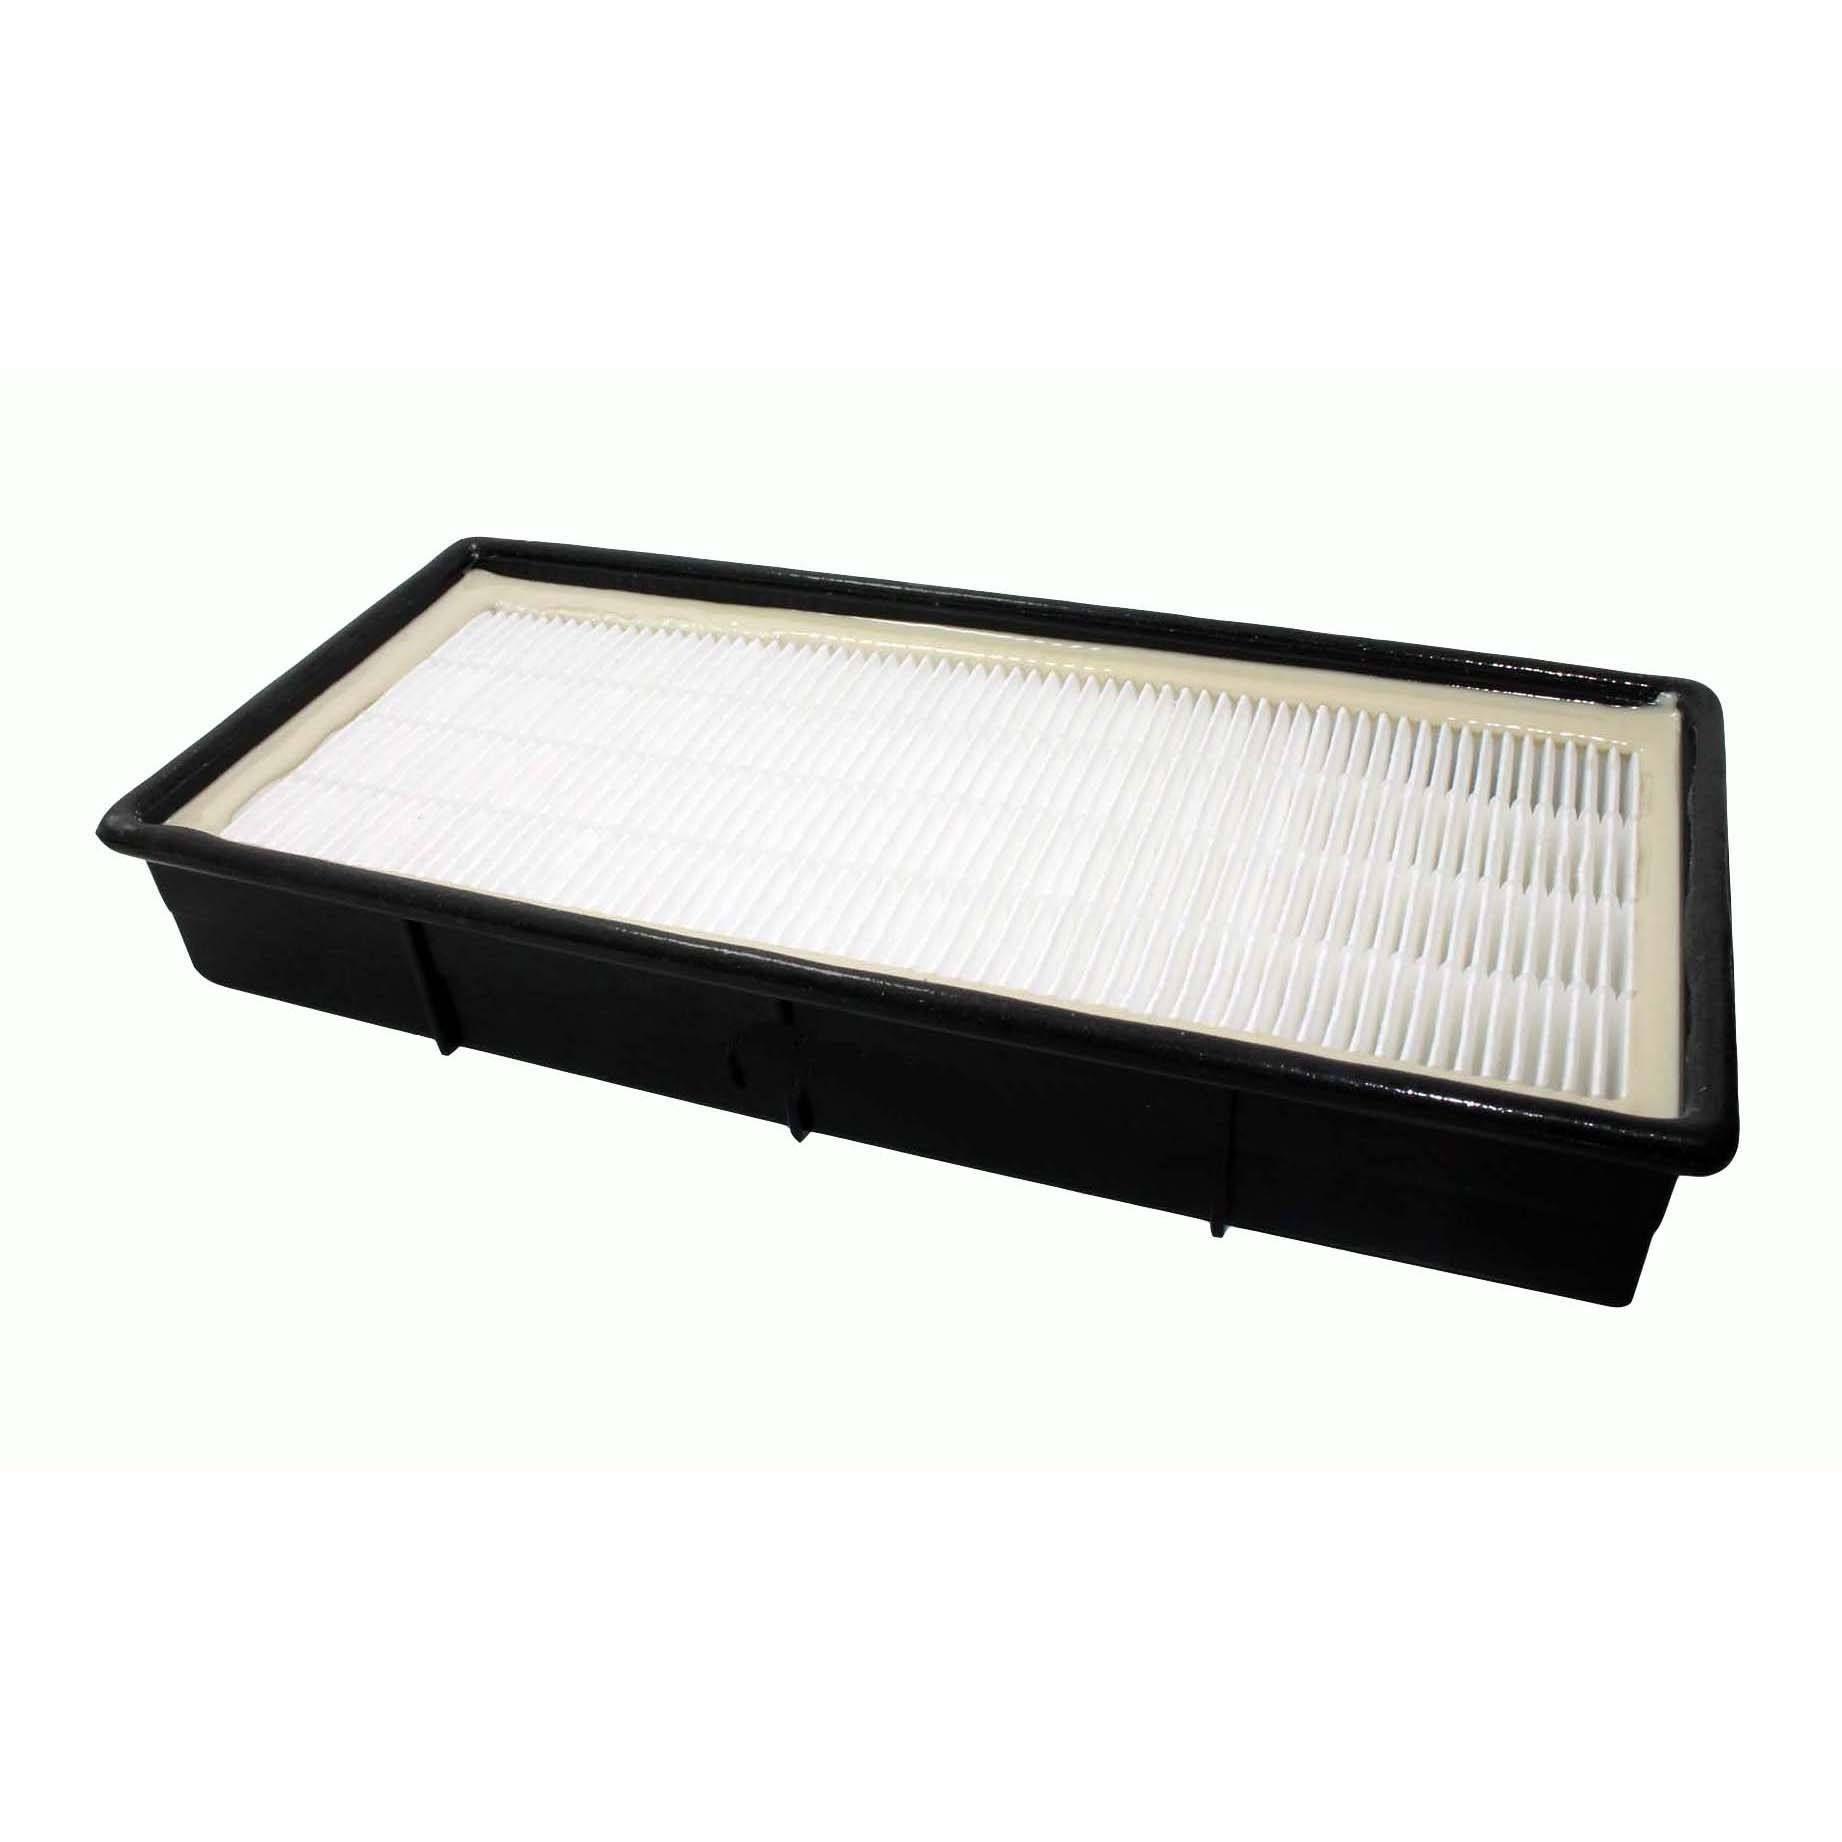 HEPA Filter fits Hunter 30963 Air Purifier 30709 30710 30711 30730 30752 30790